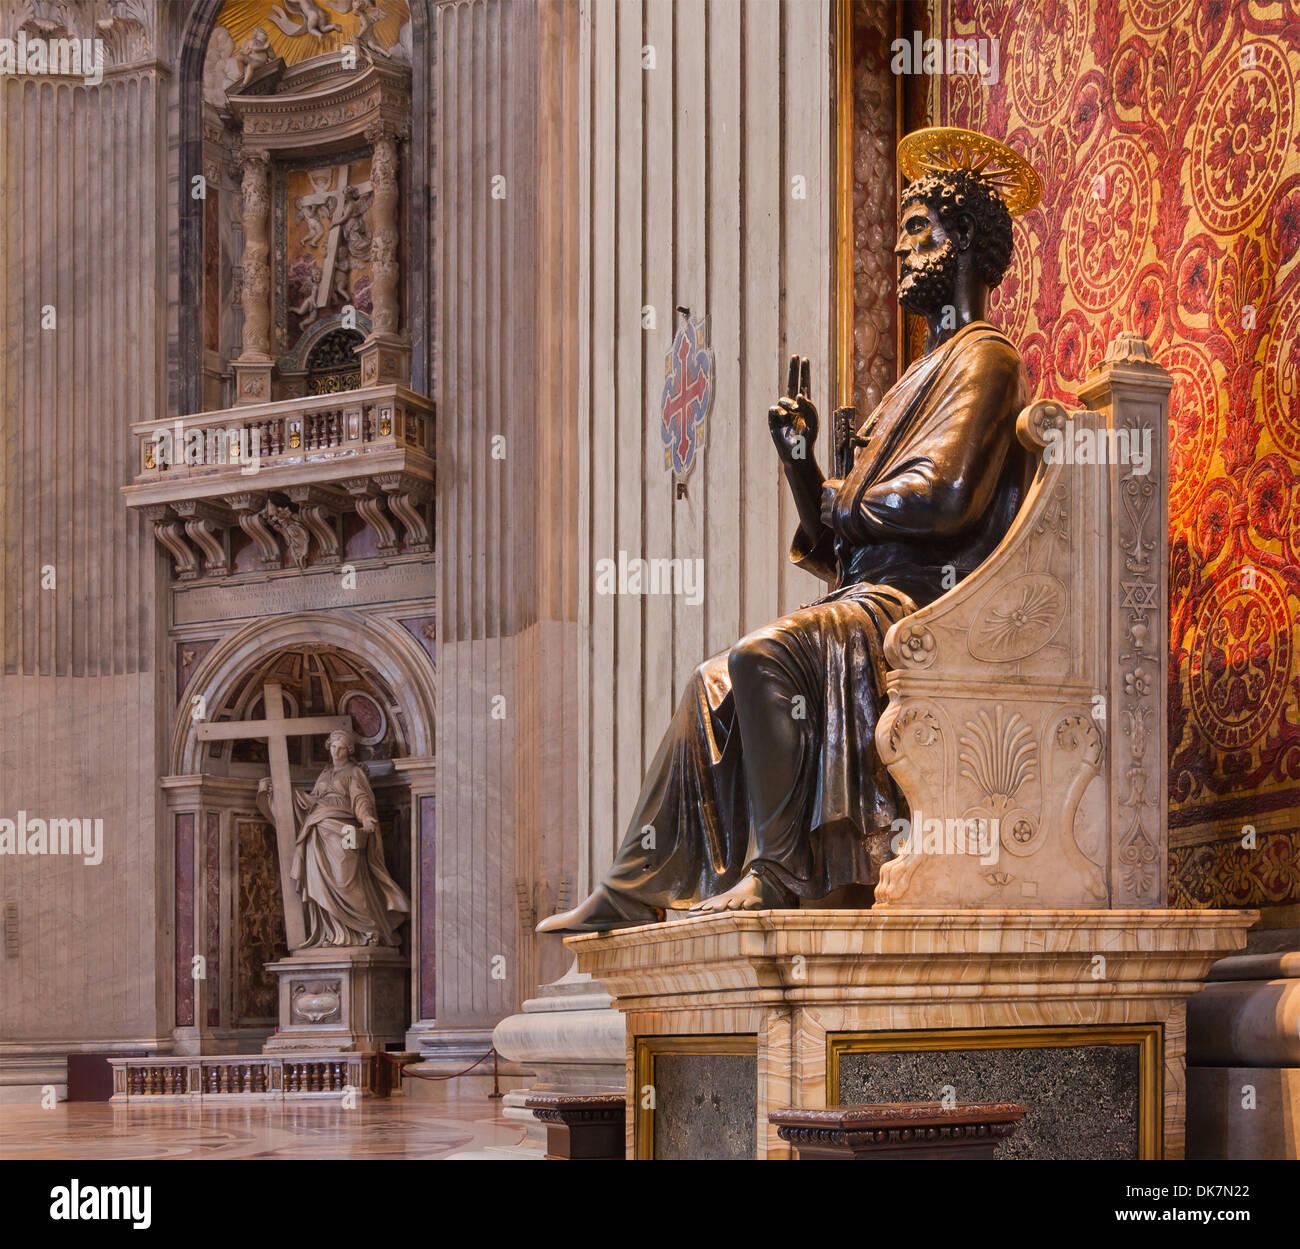 Statua di San Pietro da Arnolfo di Cambio nella Basilica di San Pietro. Sullo sfondo la statua di Sant'Elena di Foto Stock